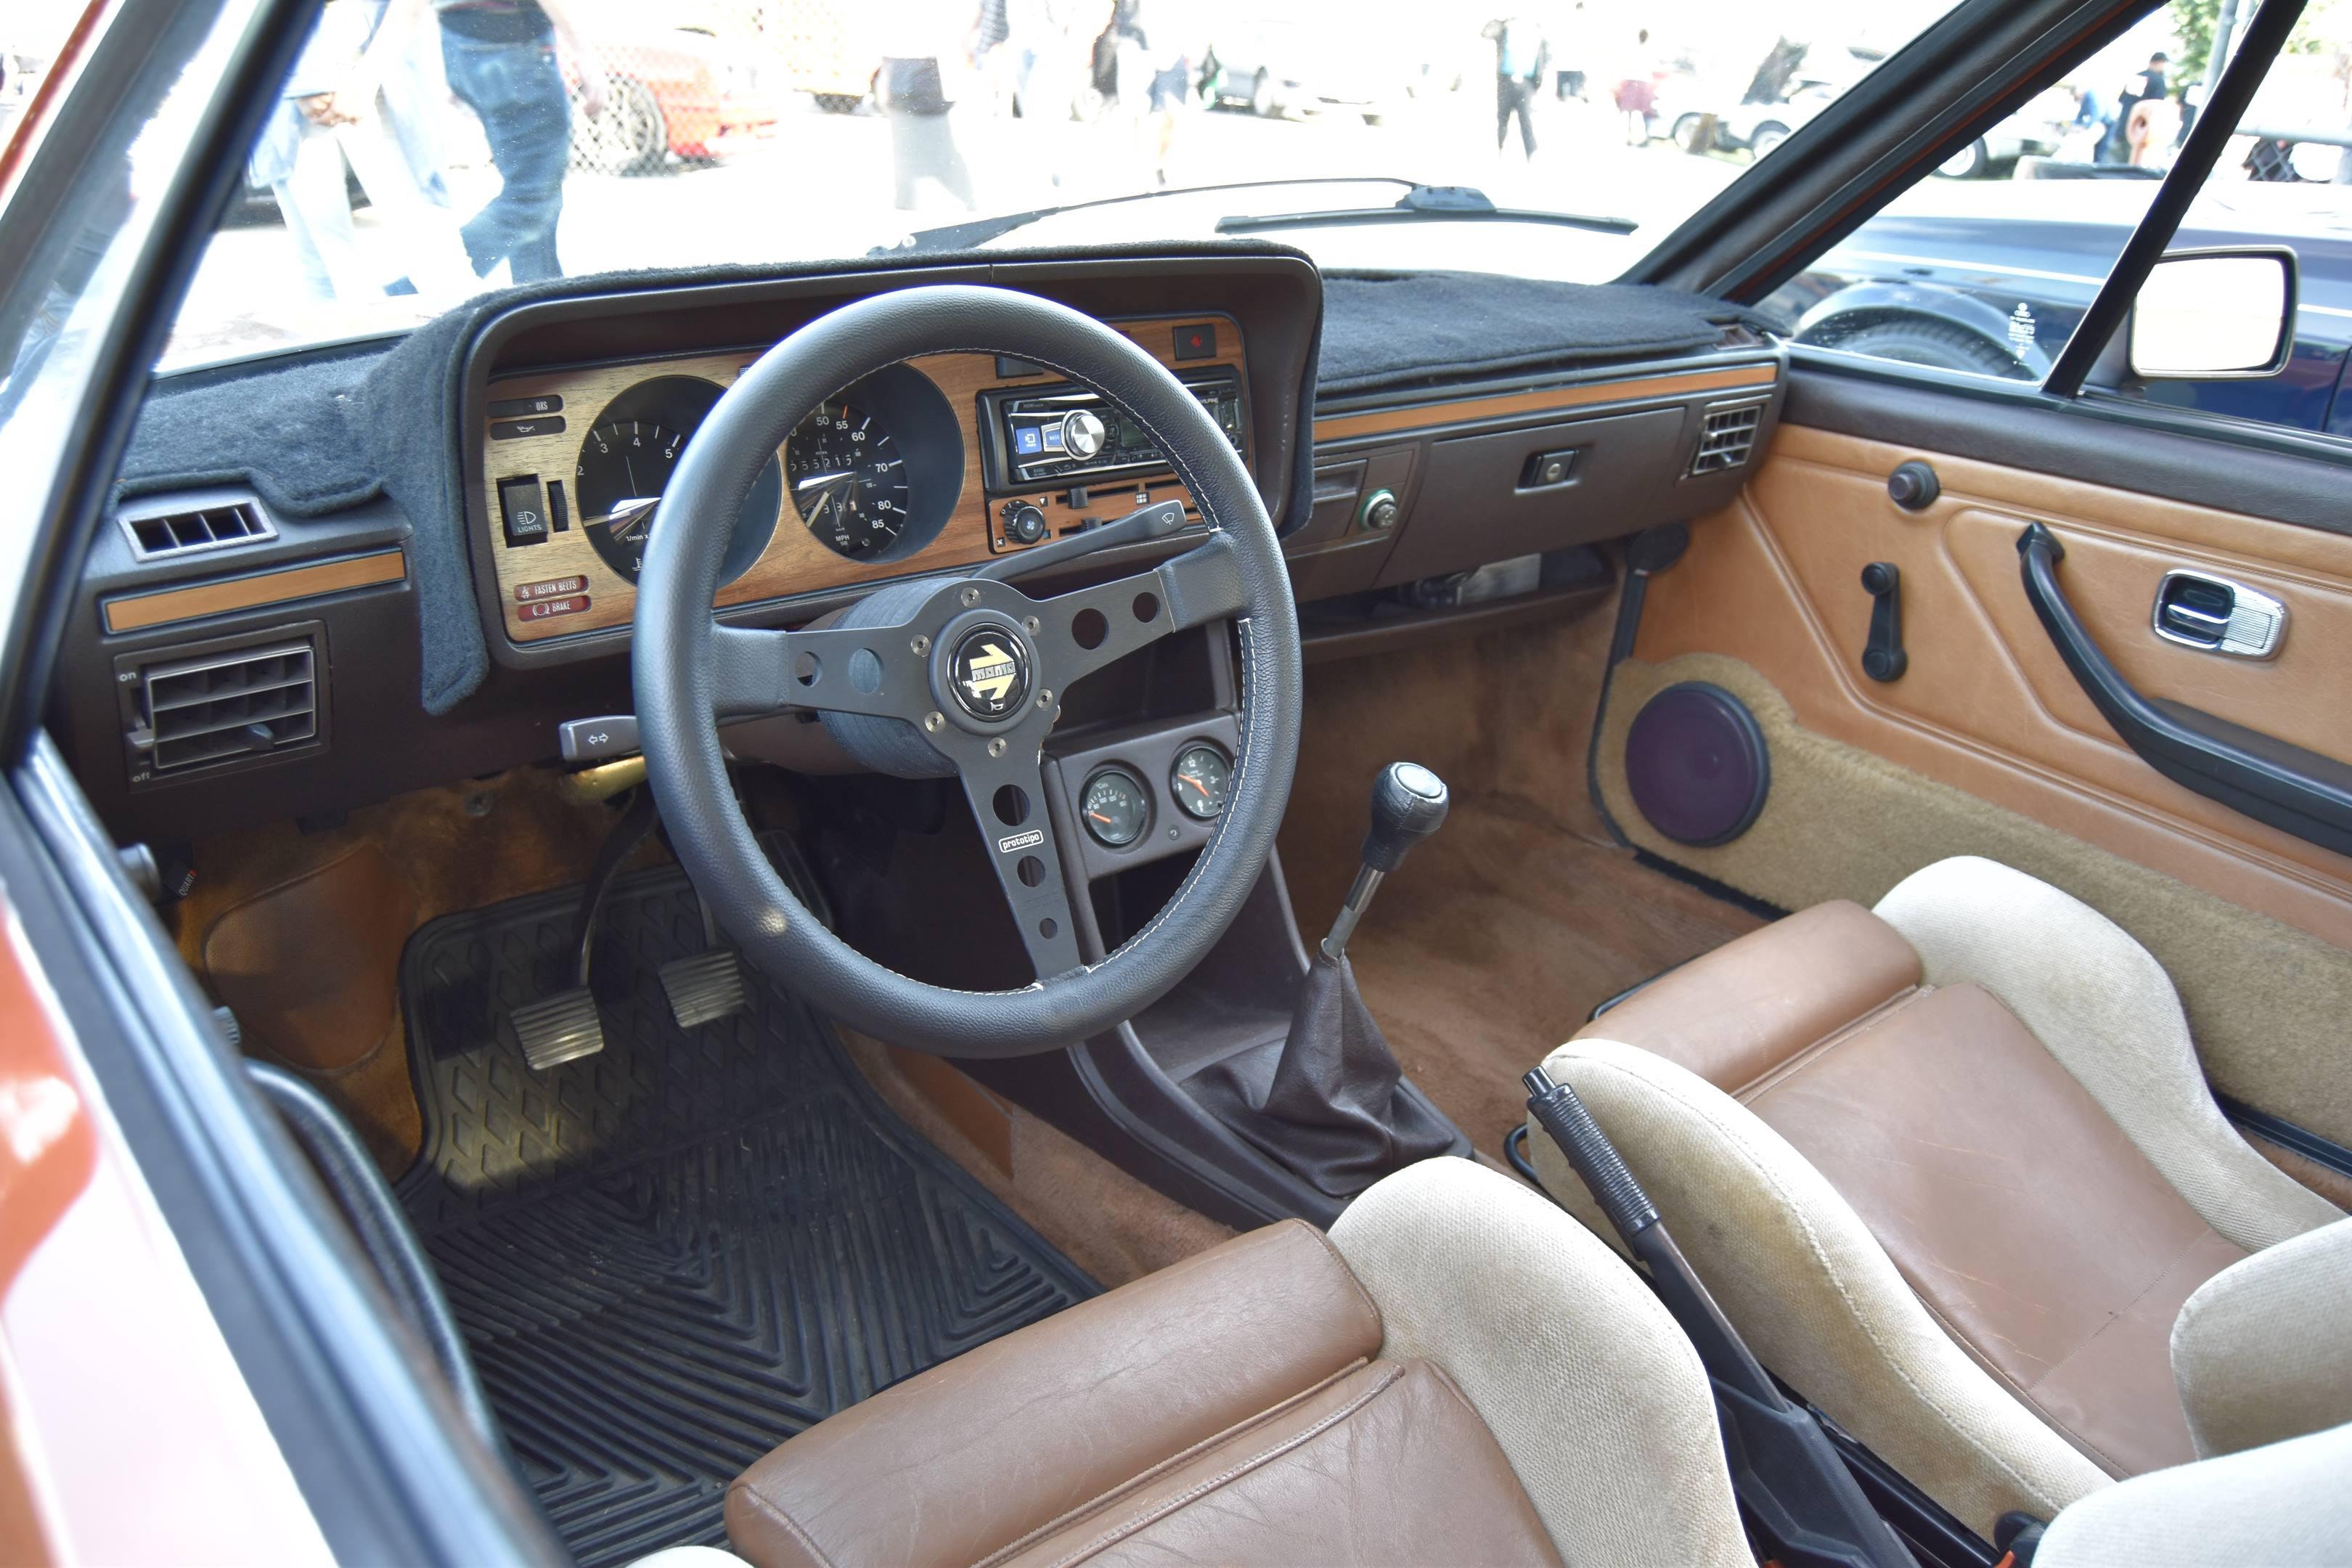 Volkswagen Scirocco steering wheel